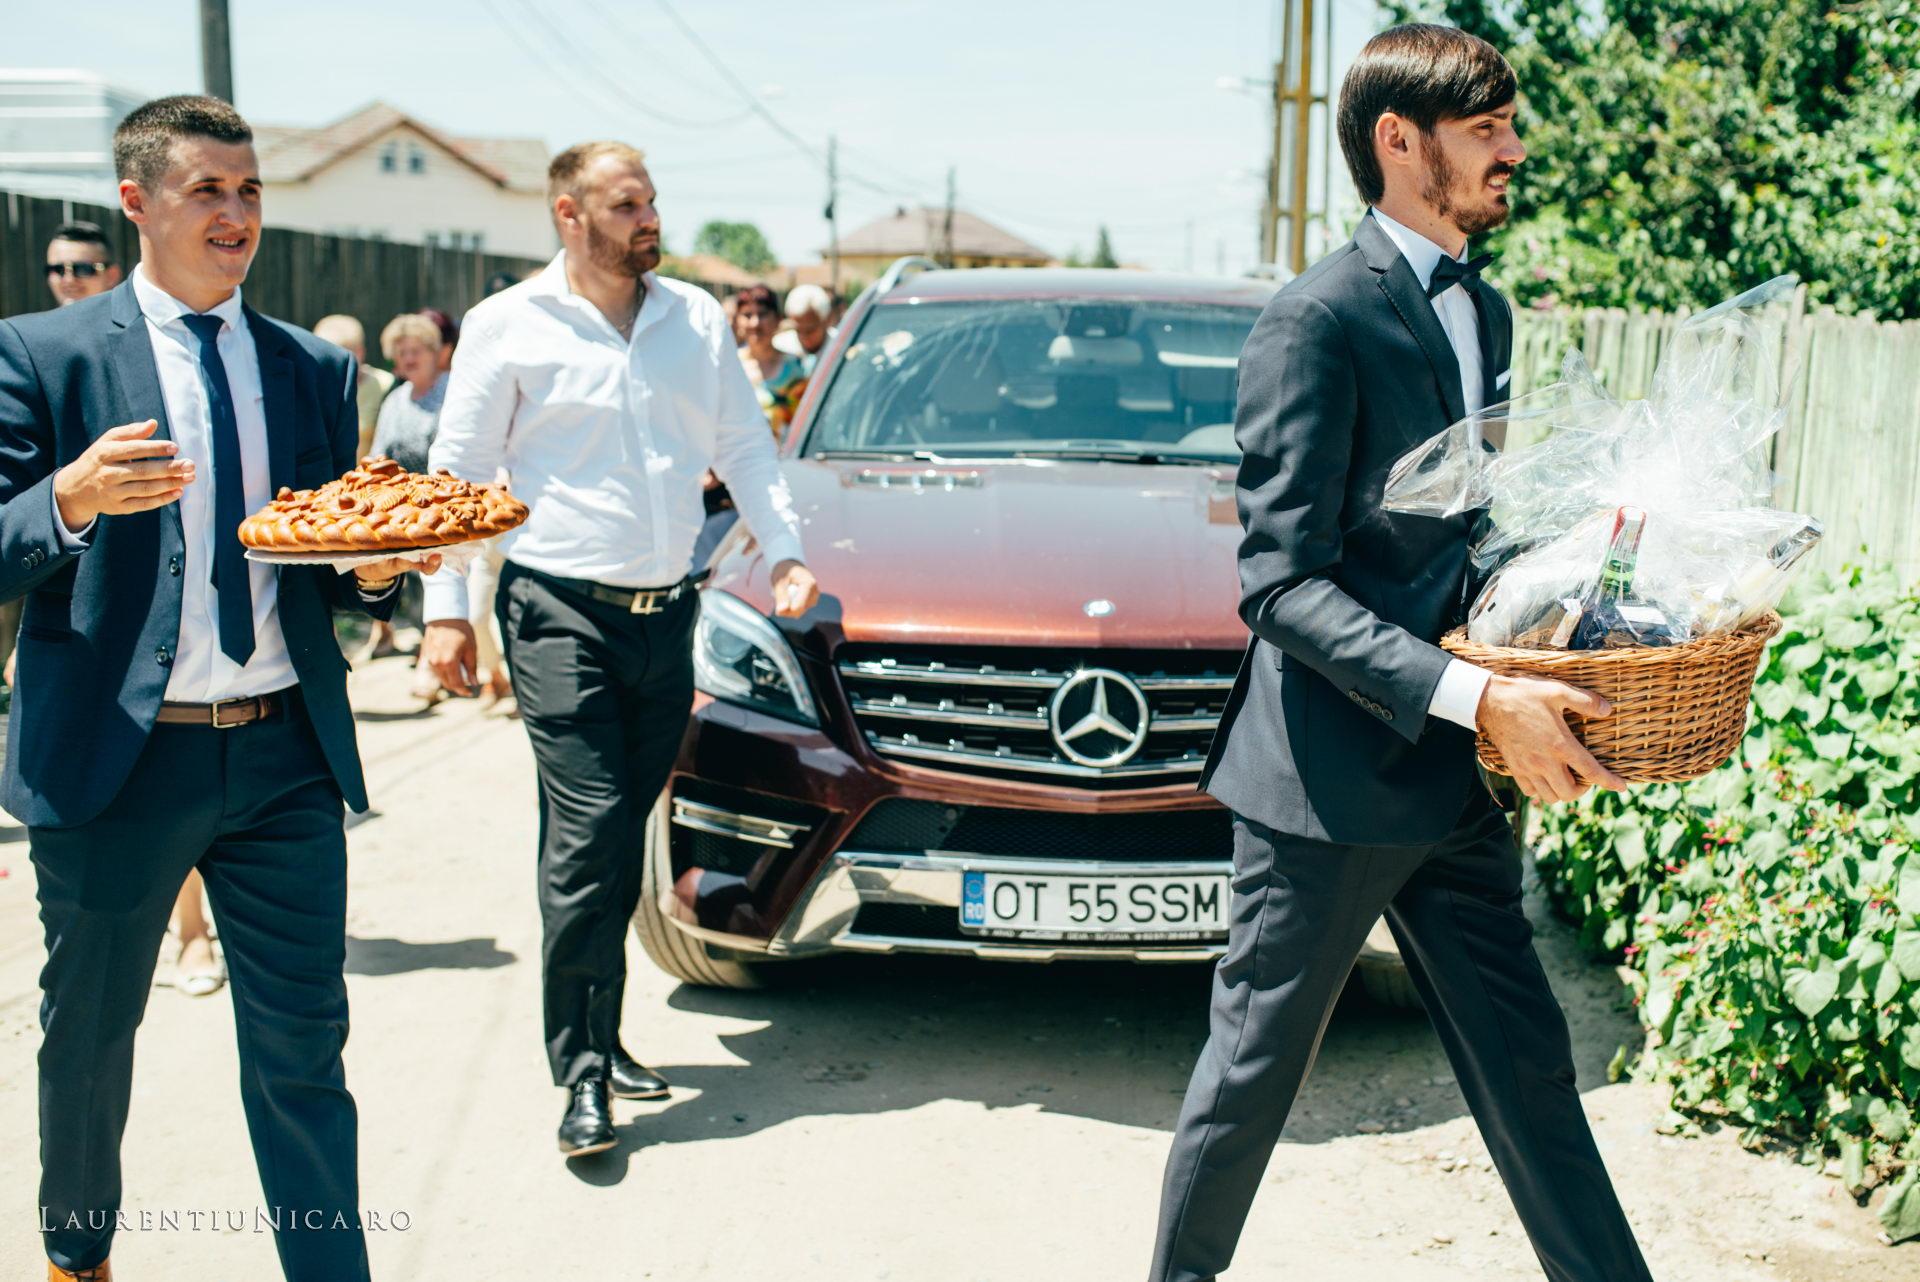 Cristina si Ovidiu nunta Craiova fotograf laurentiu nica 054 - Cristina & Ovidiu | Fotografii nunta | Craiova